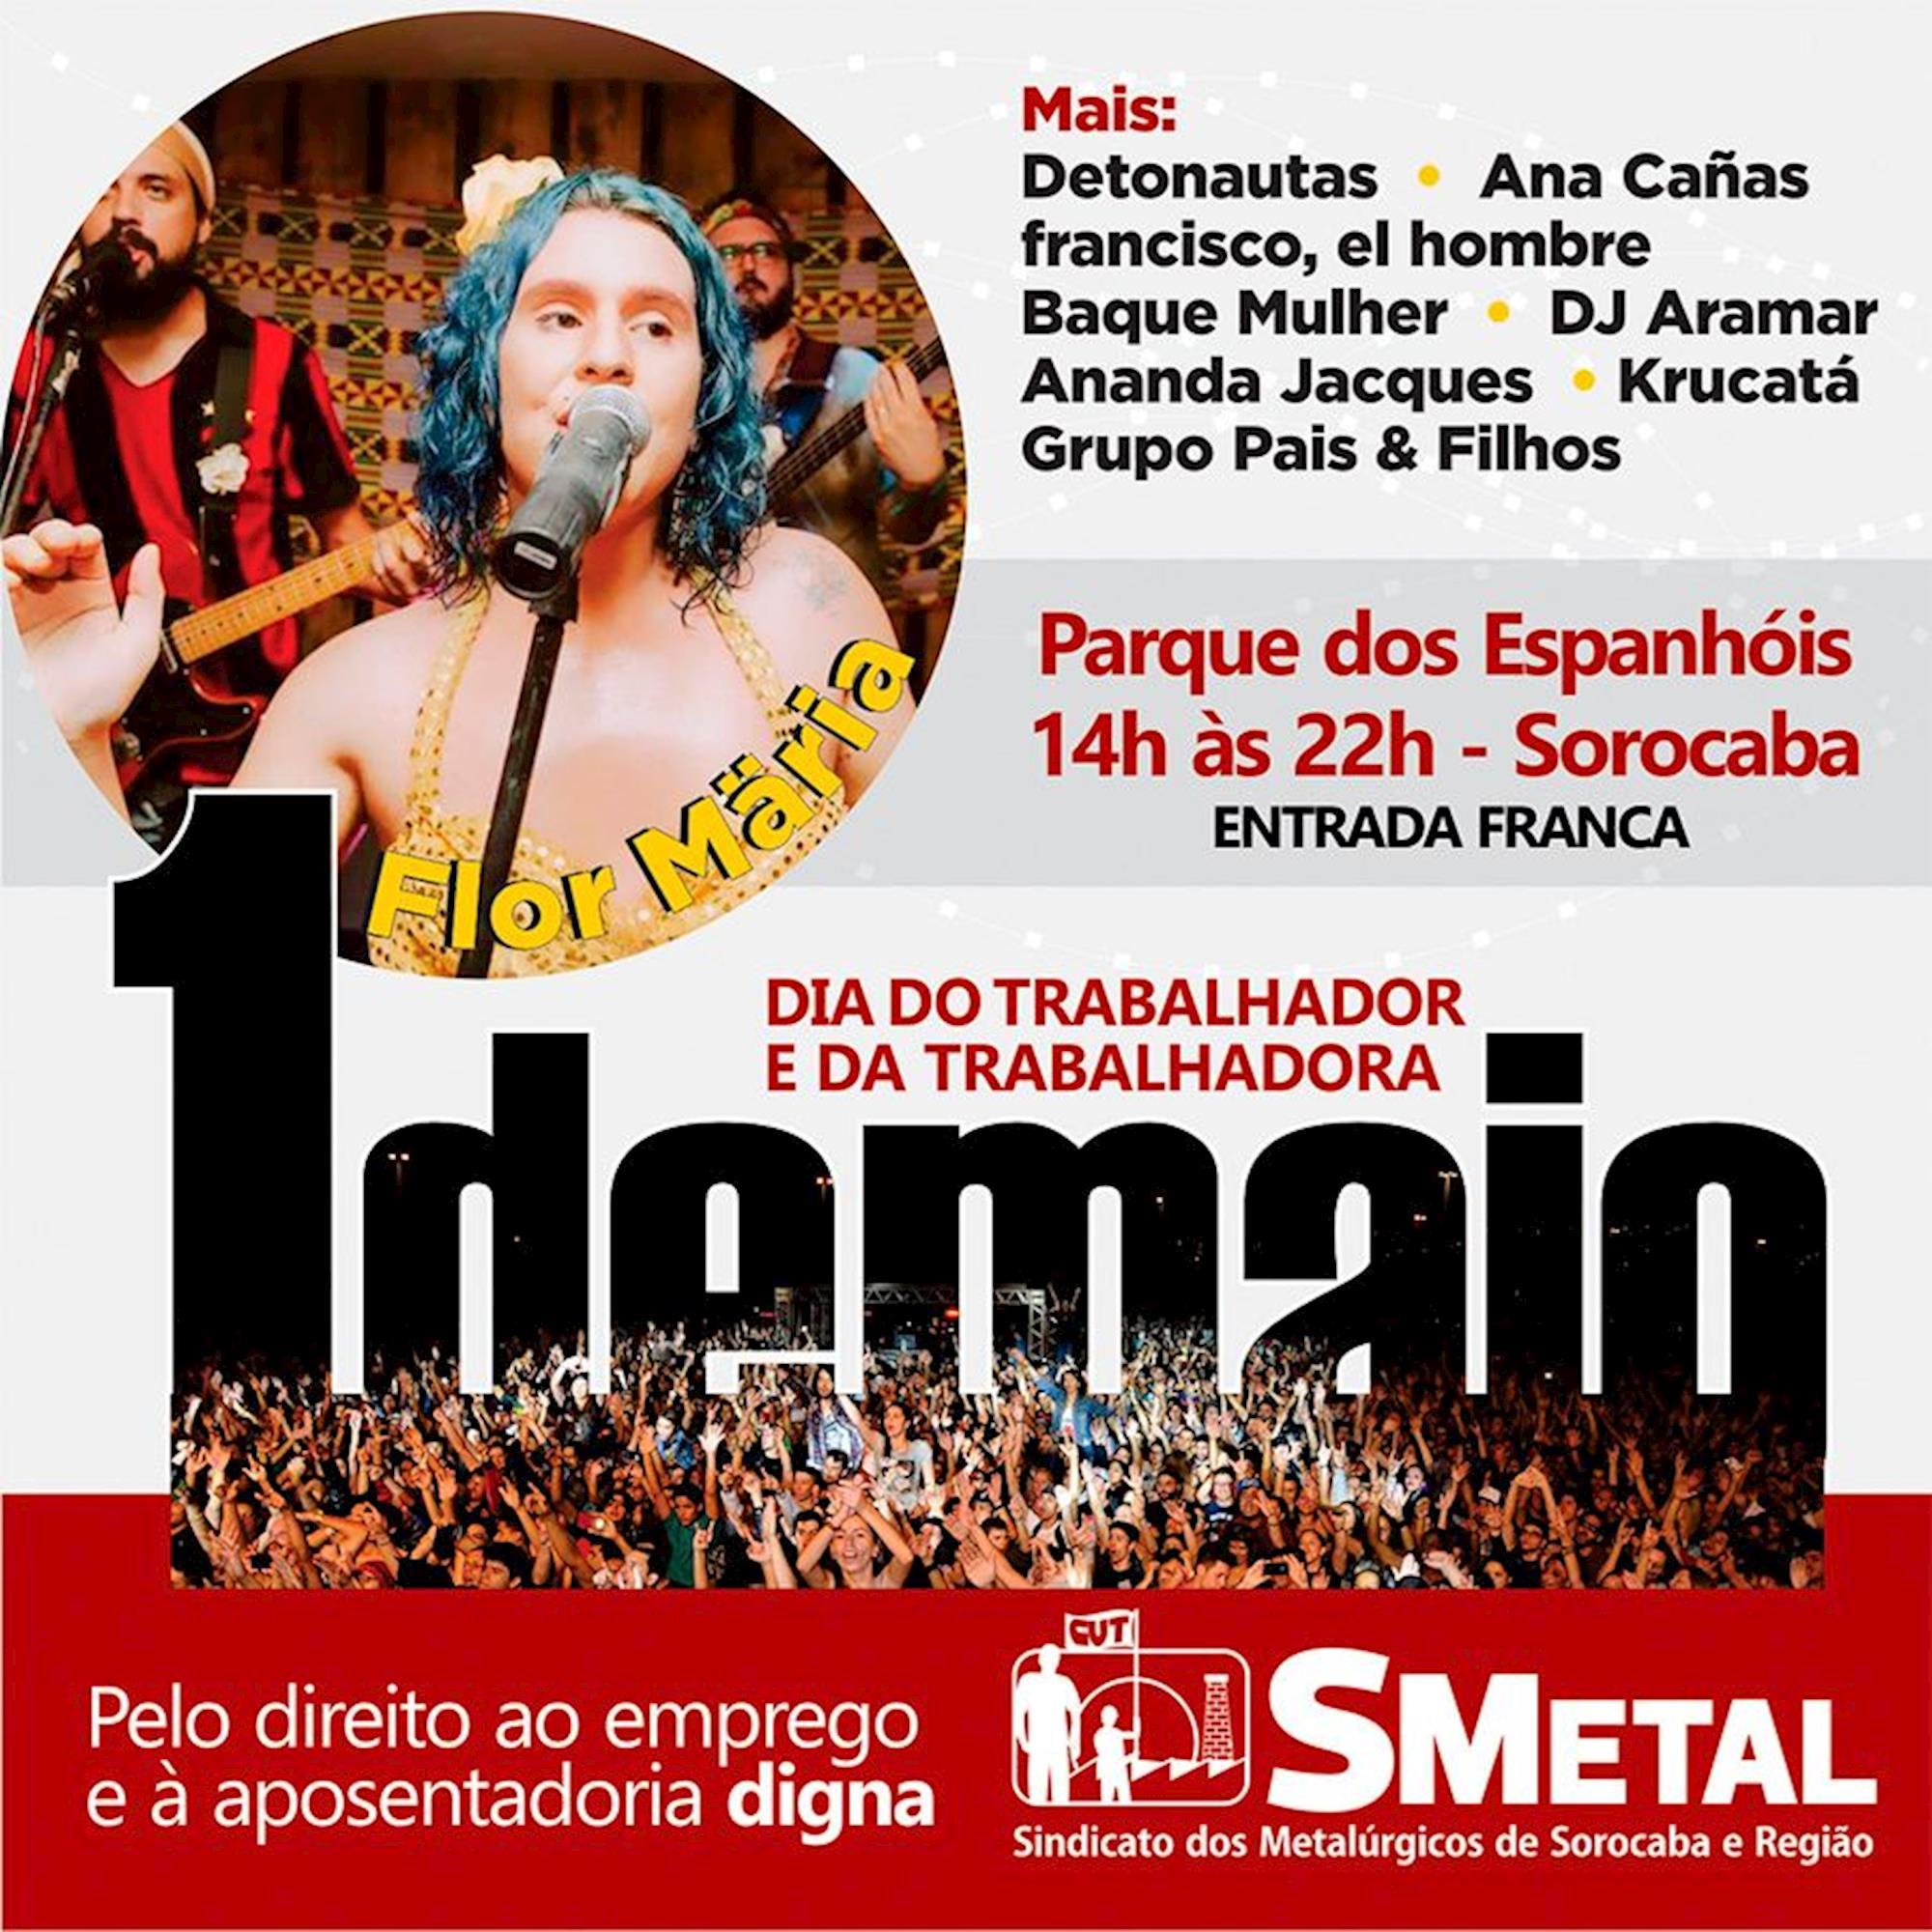 flor, show, metalúrgico, smetal, trabalhador, maio, Divulgação